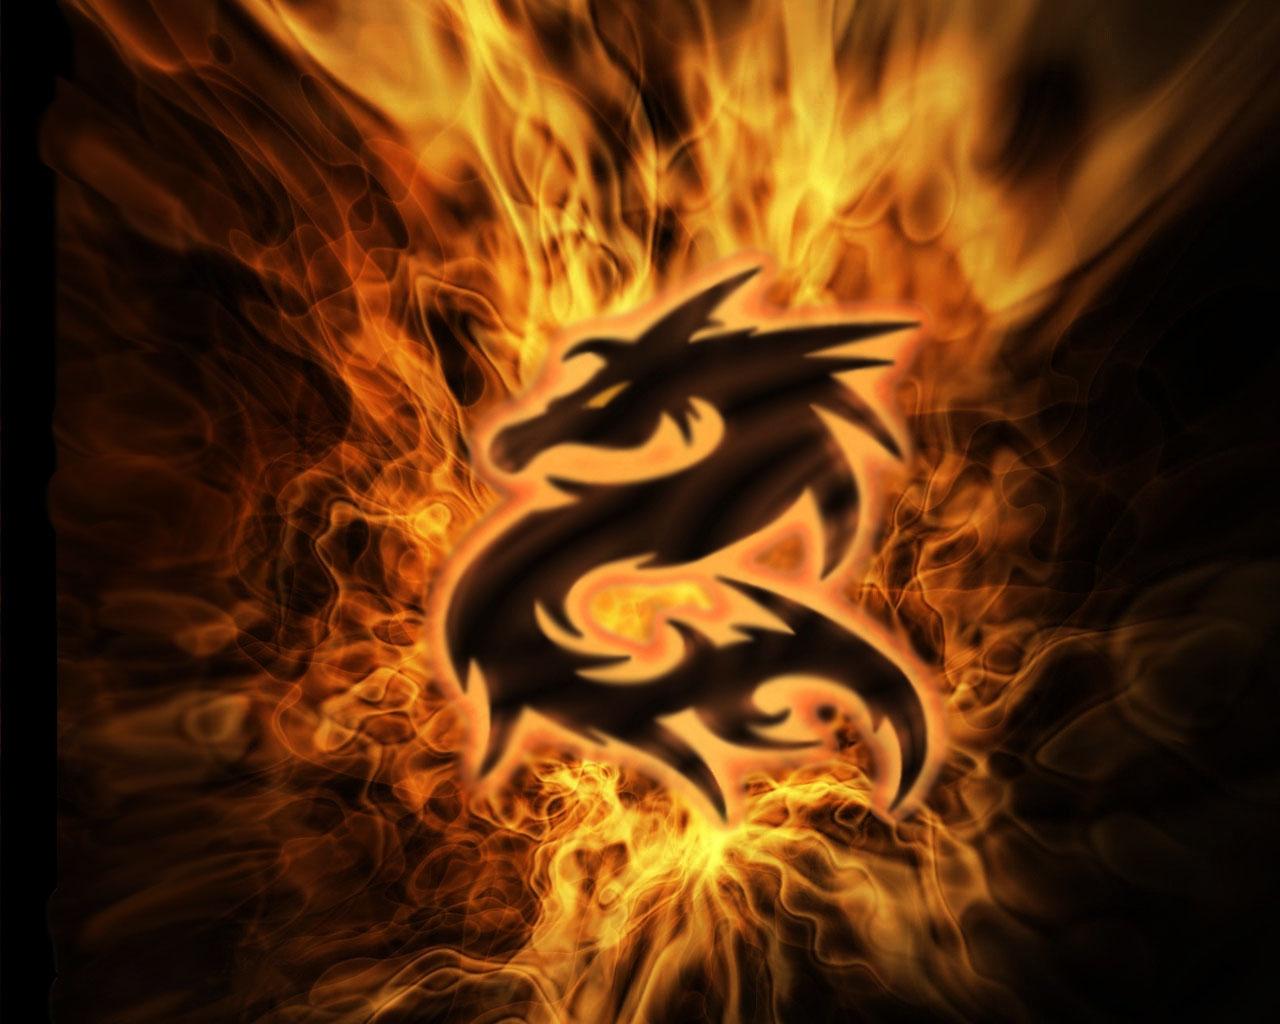 Dragon Desktop Wallpaper Wallpaper 1280x1024